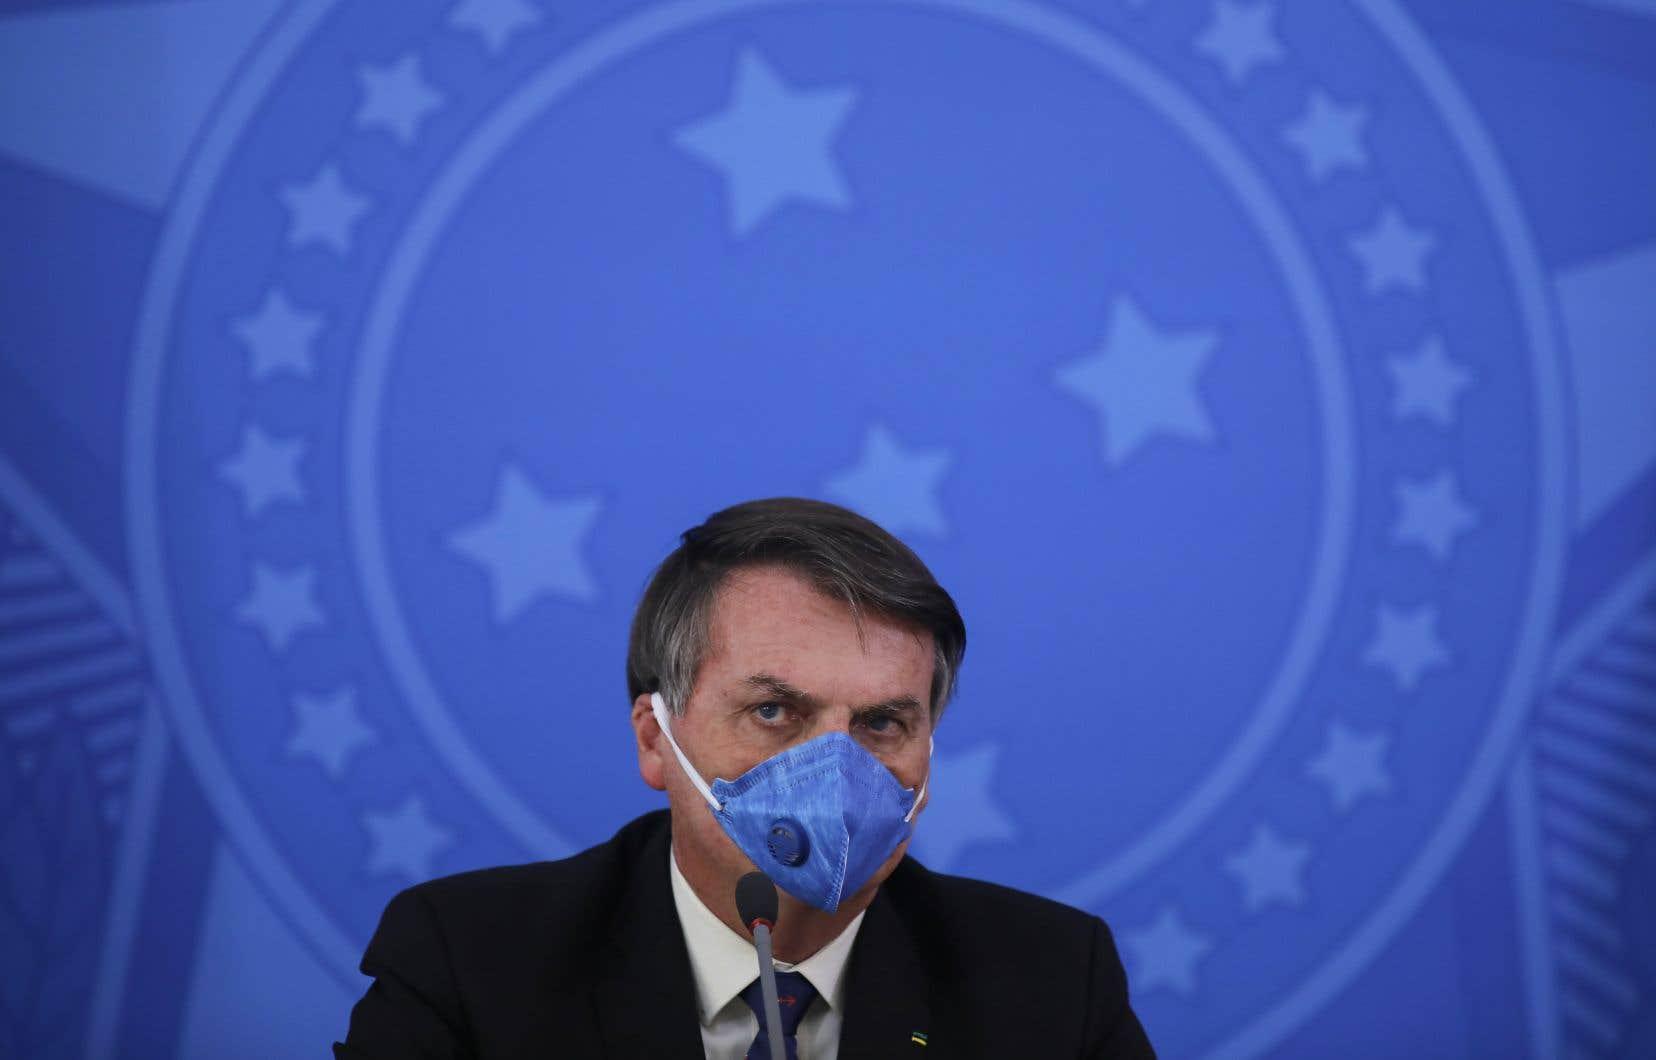 Le président du Brésil, Jair Bolsonaro, est convaincu que la chloroquine peut aider à combattre le coronavirus.